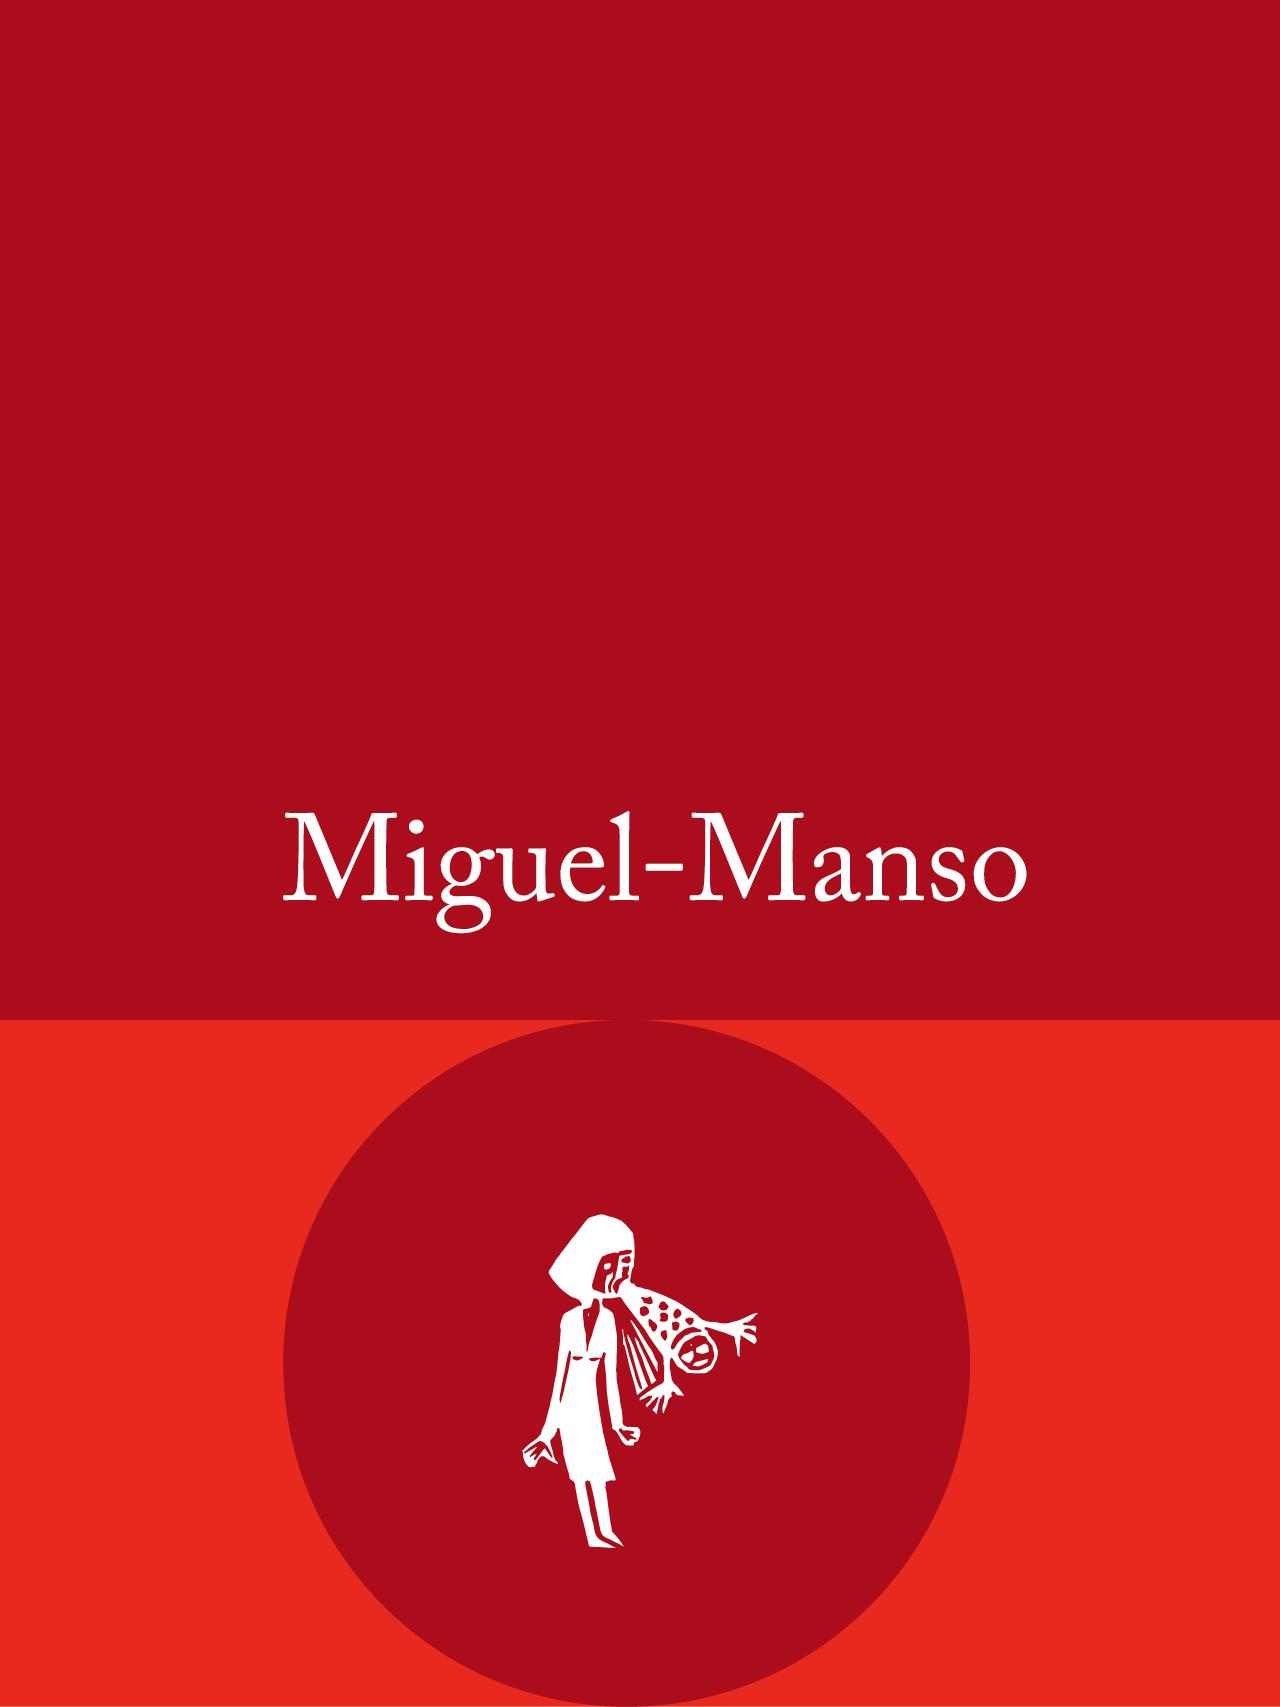 MiguelManso.jpg